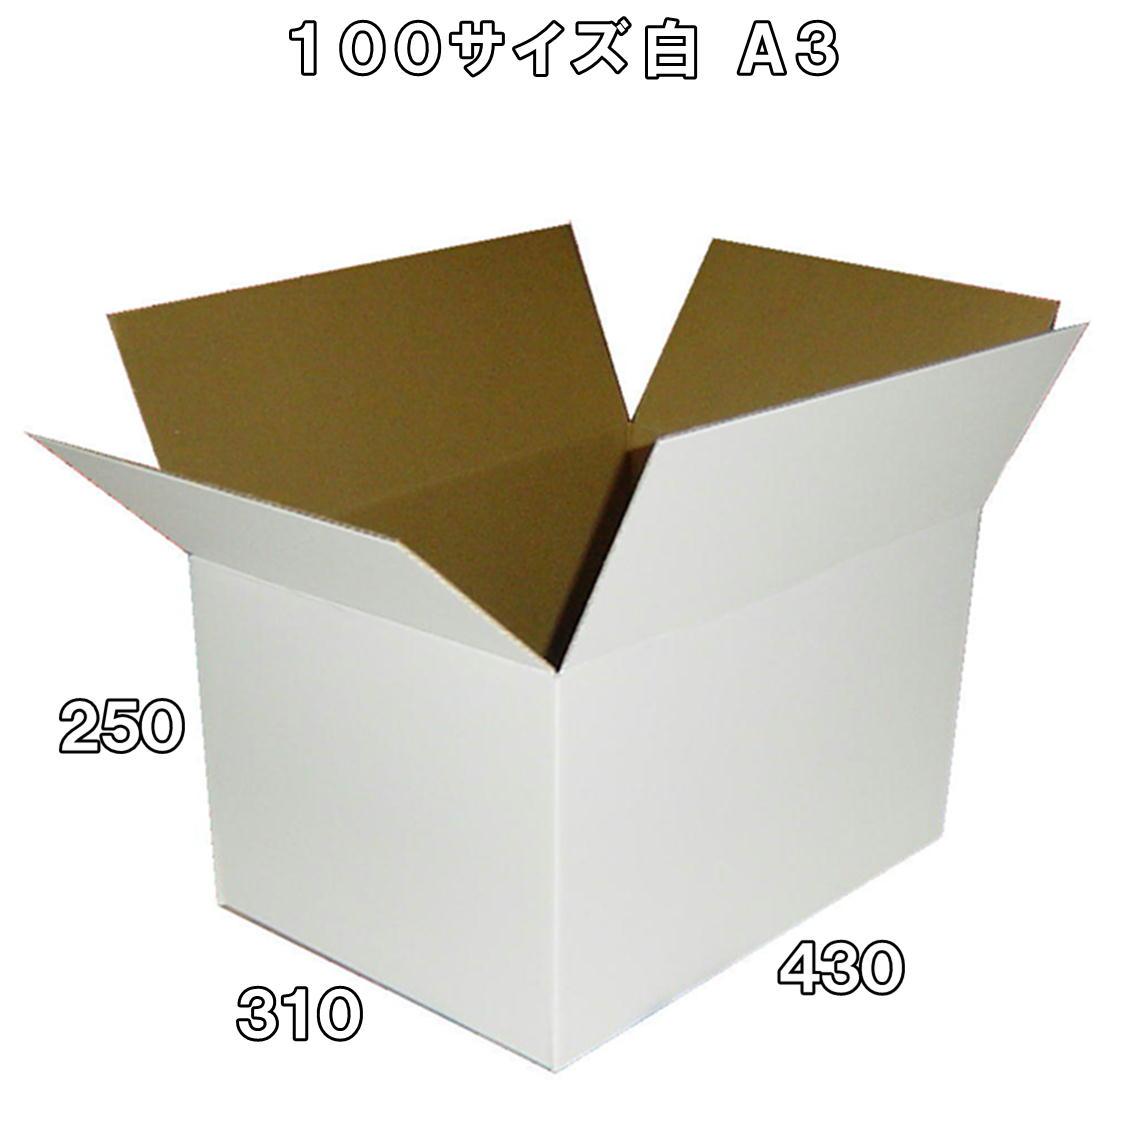 送料無料 宅急便 価格 交渉 送料無料 宅配便 ゆうパック100サイズ白段ボール箱30枚 A3対応 底面から50ミリに便利線入 白さが品物を際立たせます あす楽 ダンボール 箱 A3 30枚底面 白 便利線入り※ヤマト運輸での配送です※ 100サイズ 春の新作続々